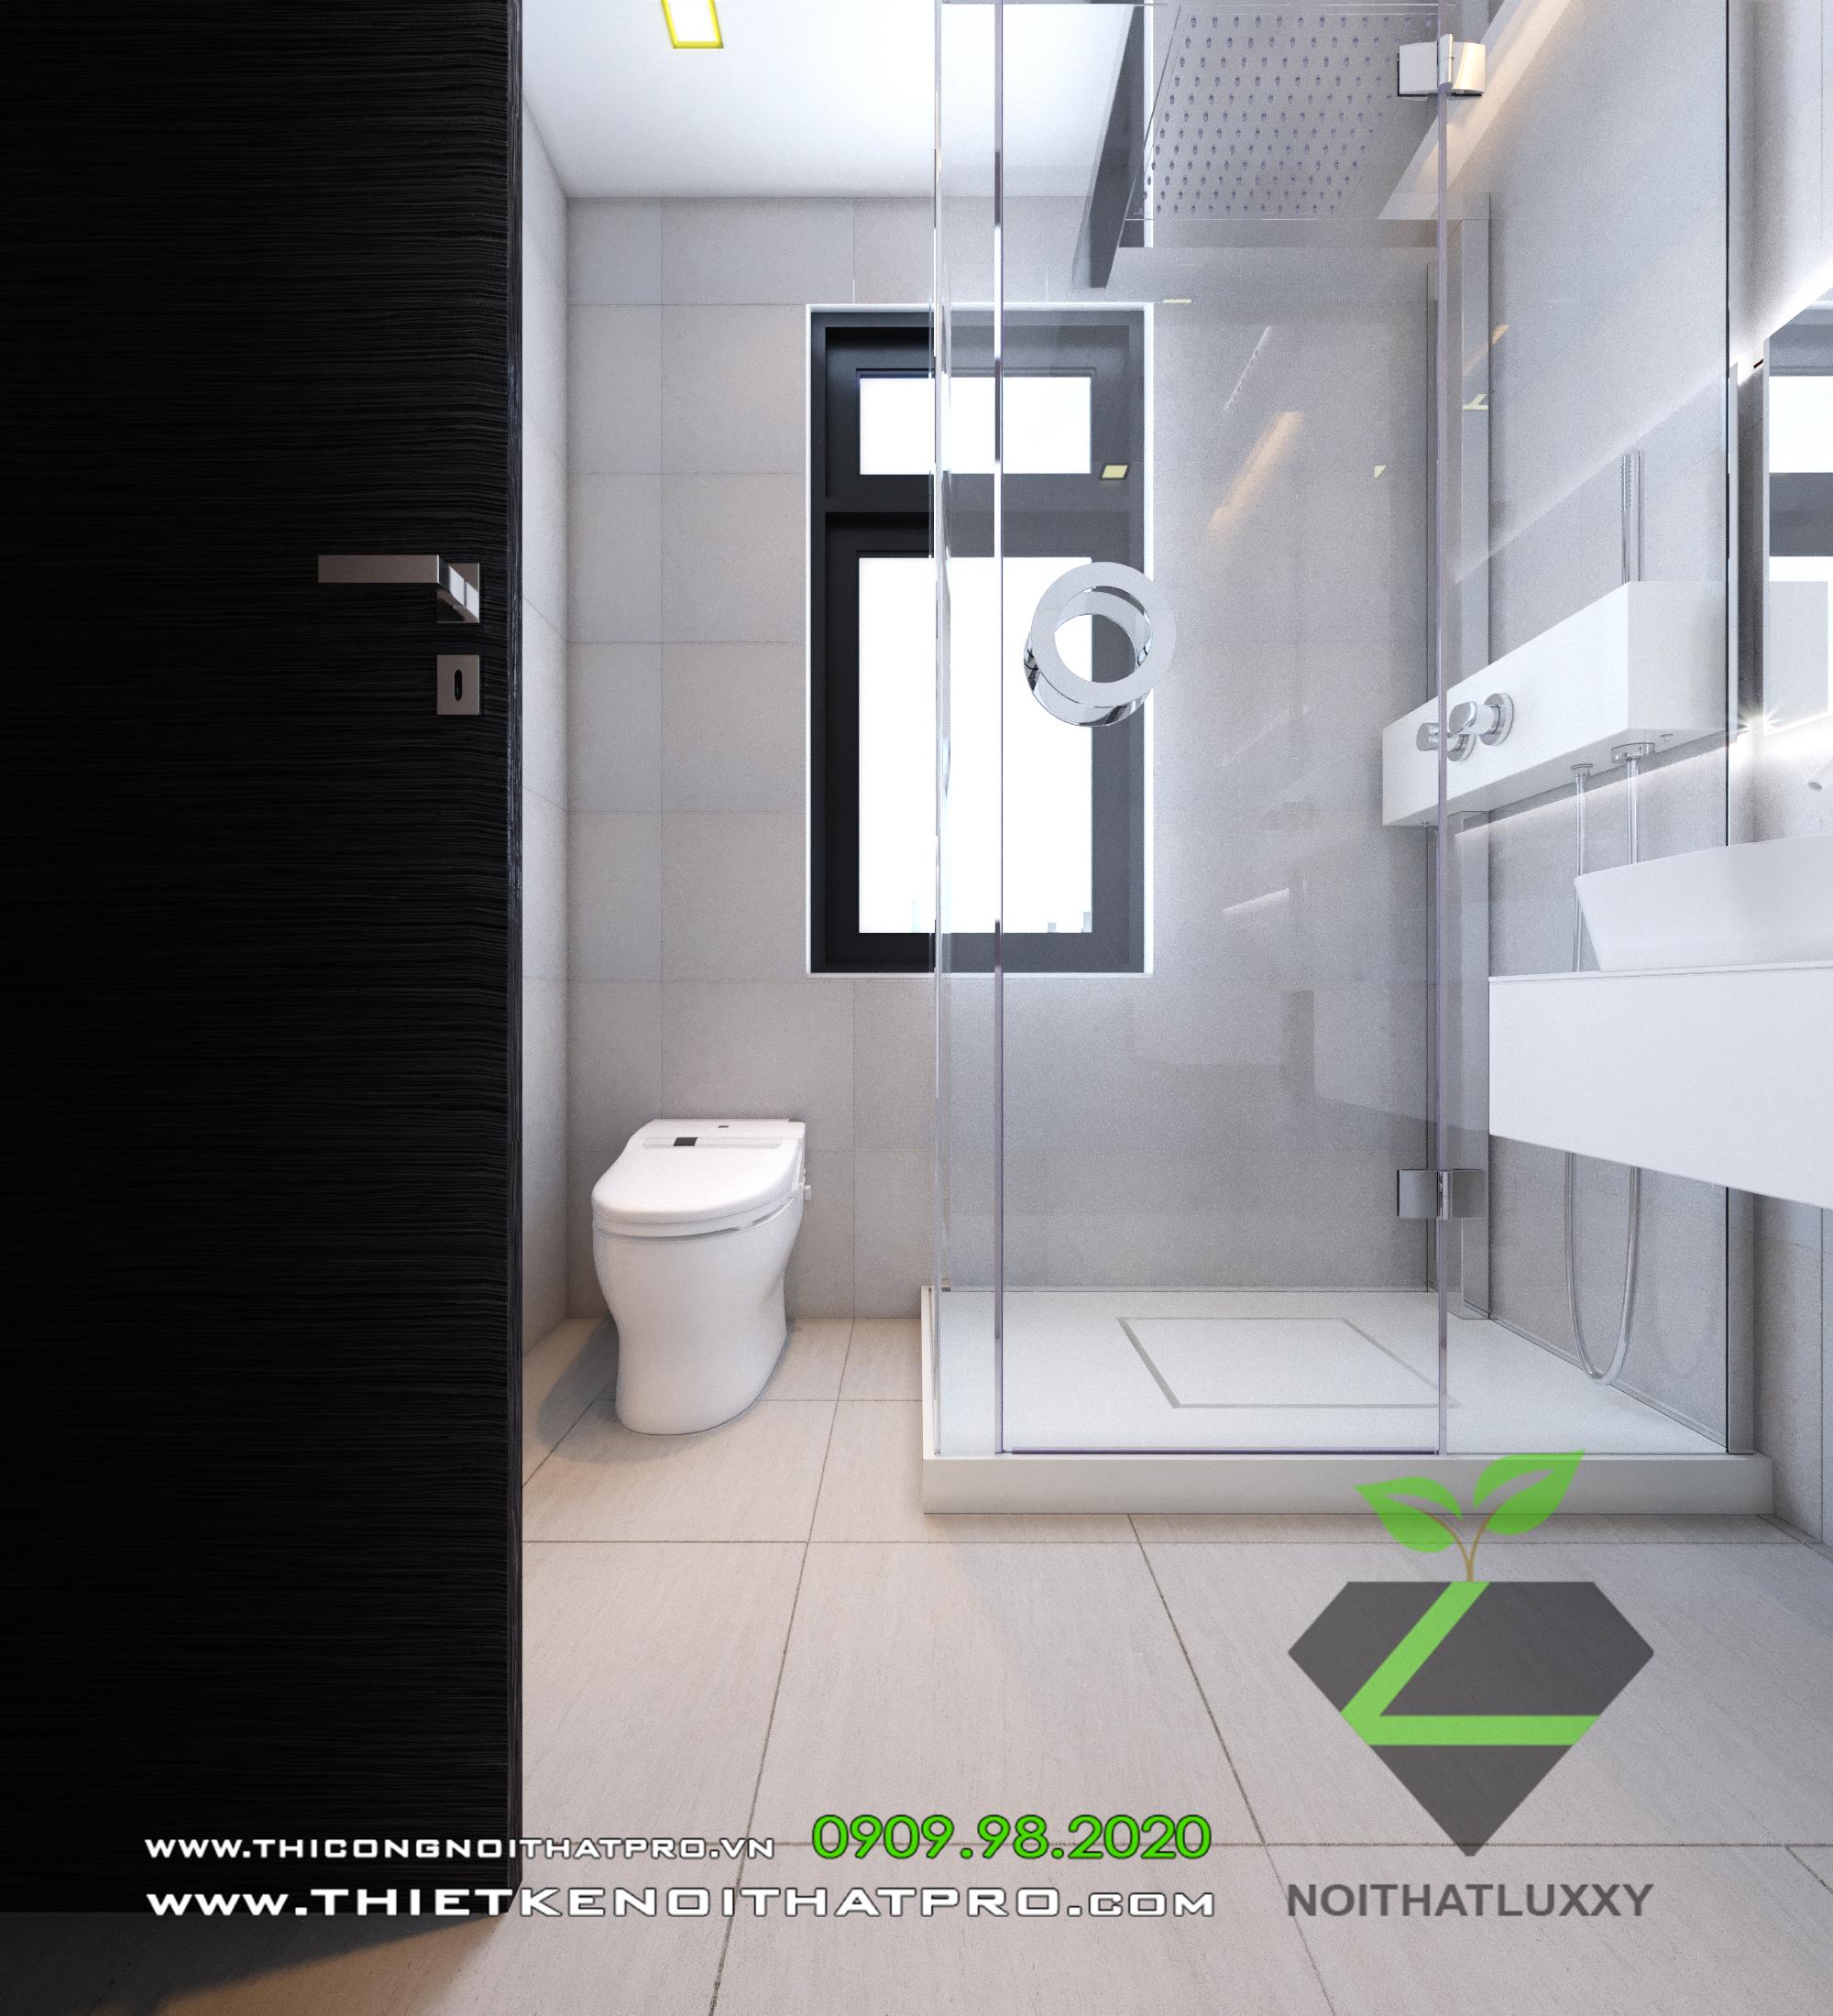 thiết kế Nội thất Biệt Thự 4 tầng Biệt thự Vinhomes - the Harmony173